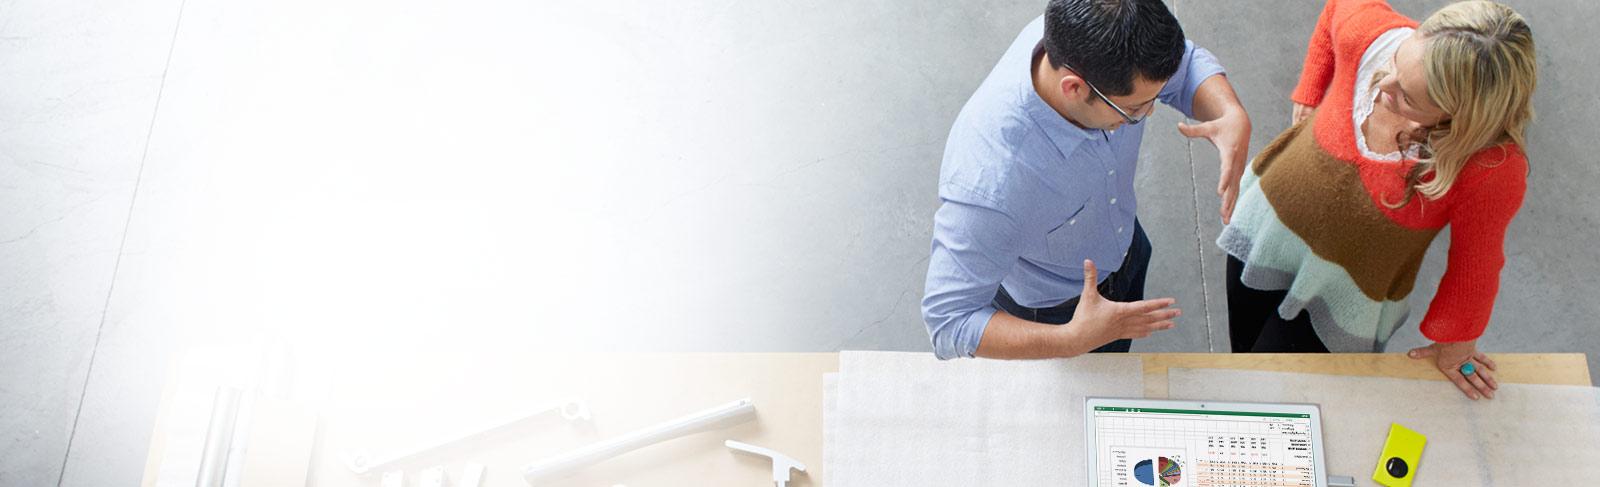 Seorang pria dan wanita berdiri di depan meja gambar menggunakan Office 365 ProPlus di tablet.